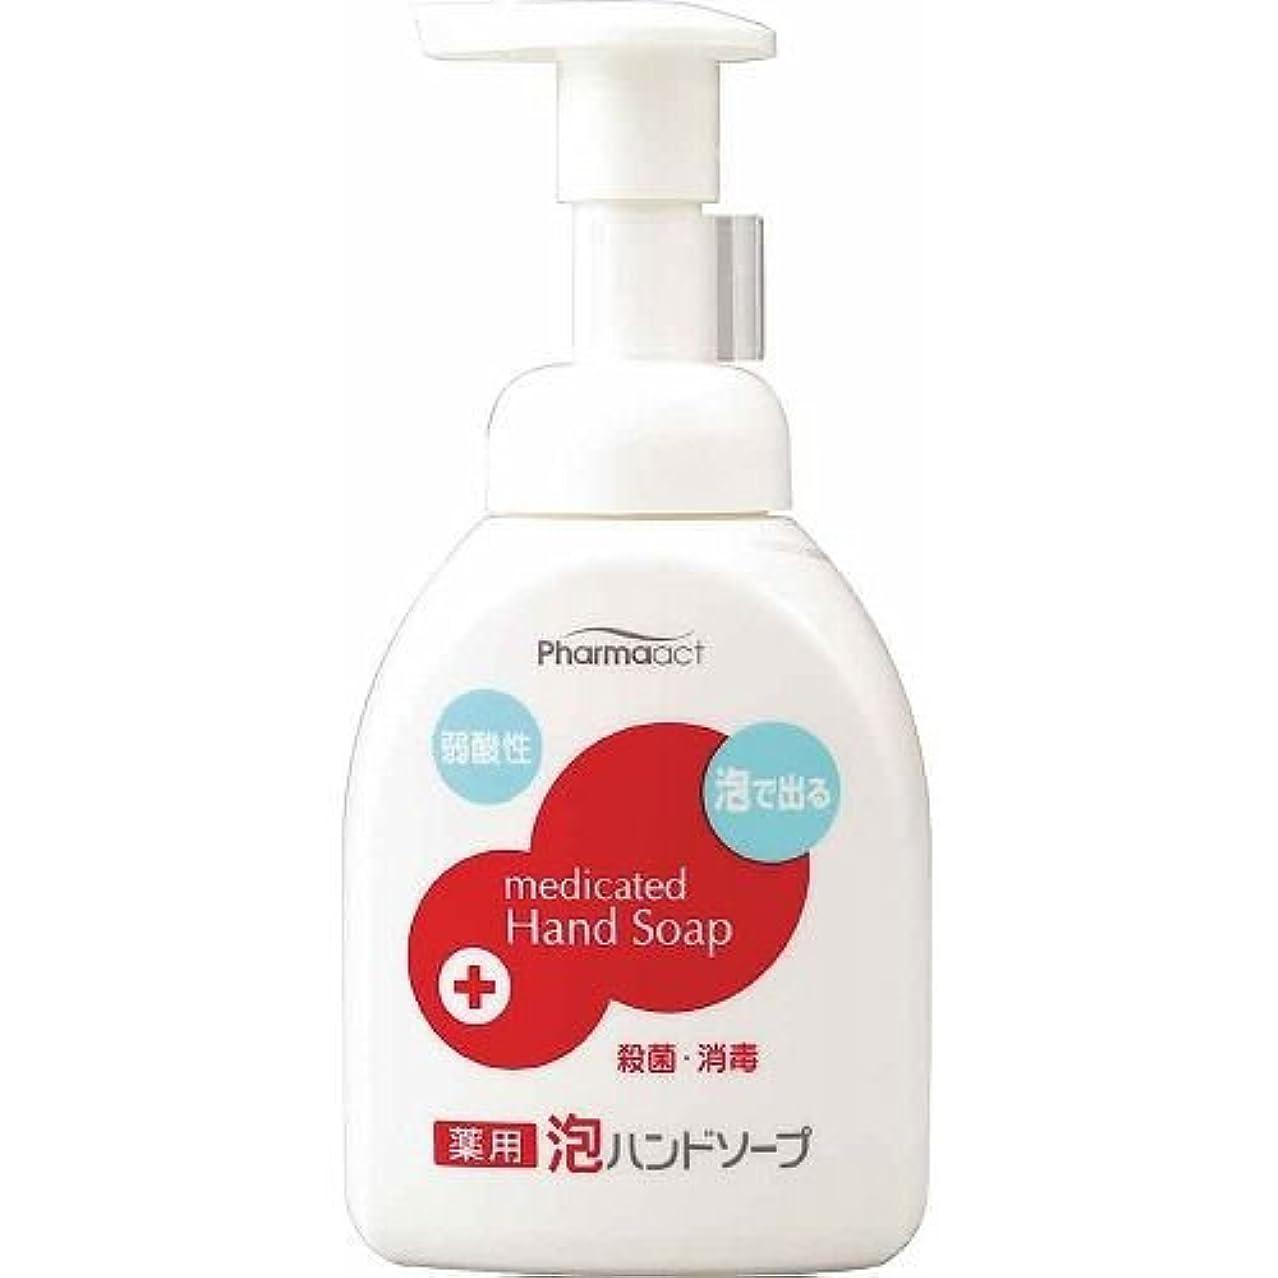 小康滑るみなす【まとめ買い】ファーマアクト 弱酸性薬用泡ハンドソープボトル 250ml ×8個